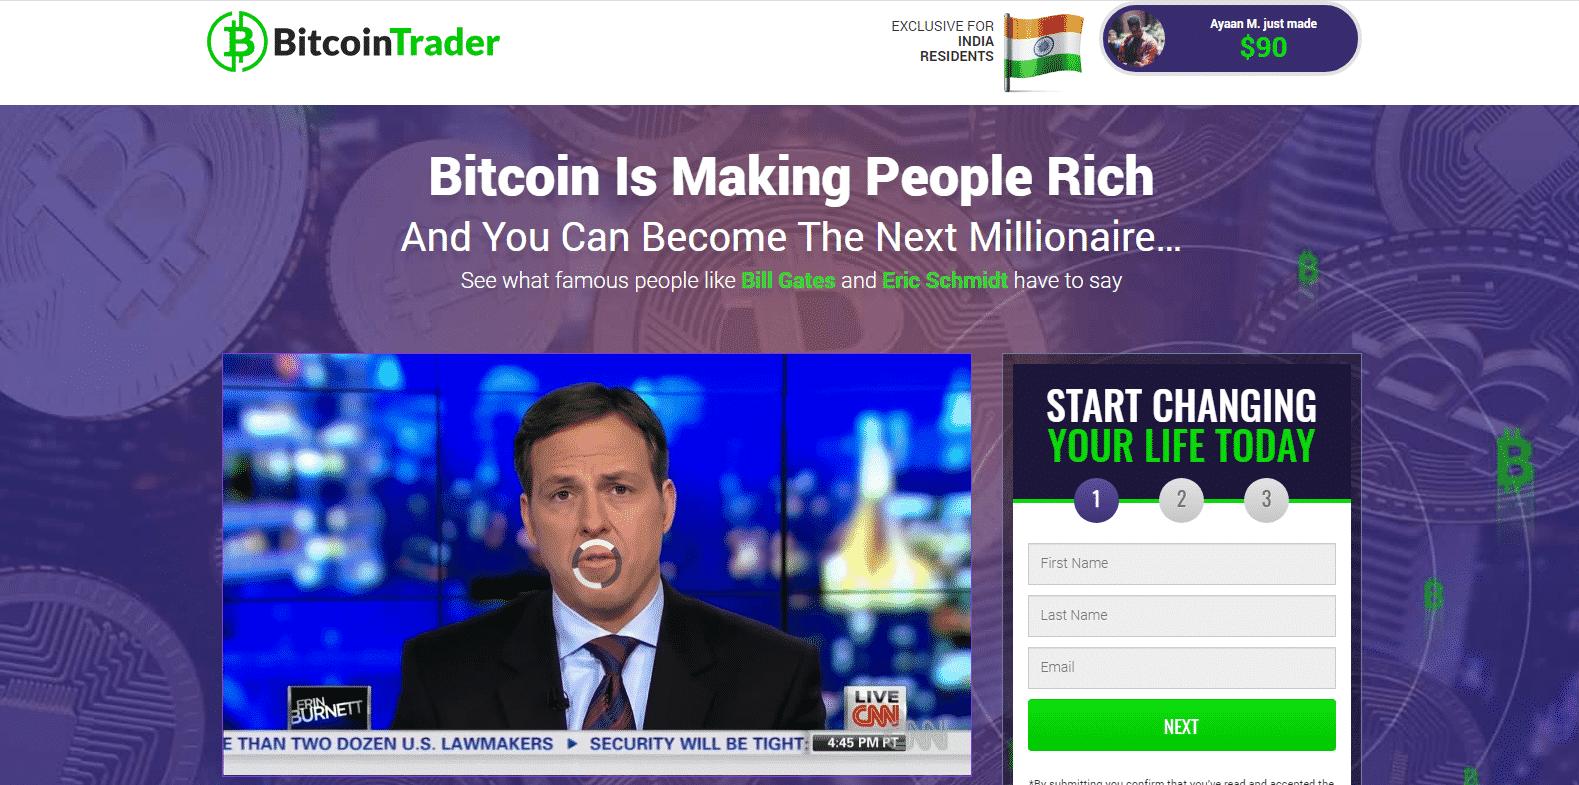 Bitcoin Trader Trading Platform